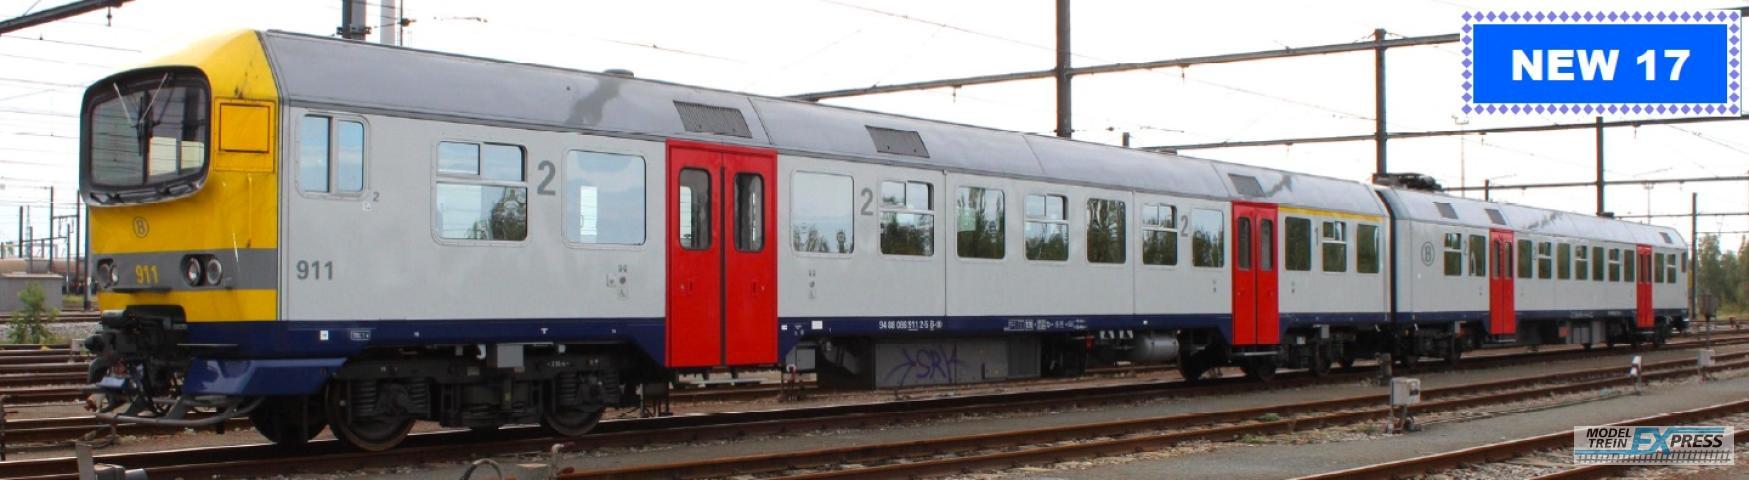 B-Models 4004.05